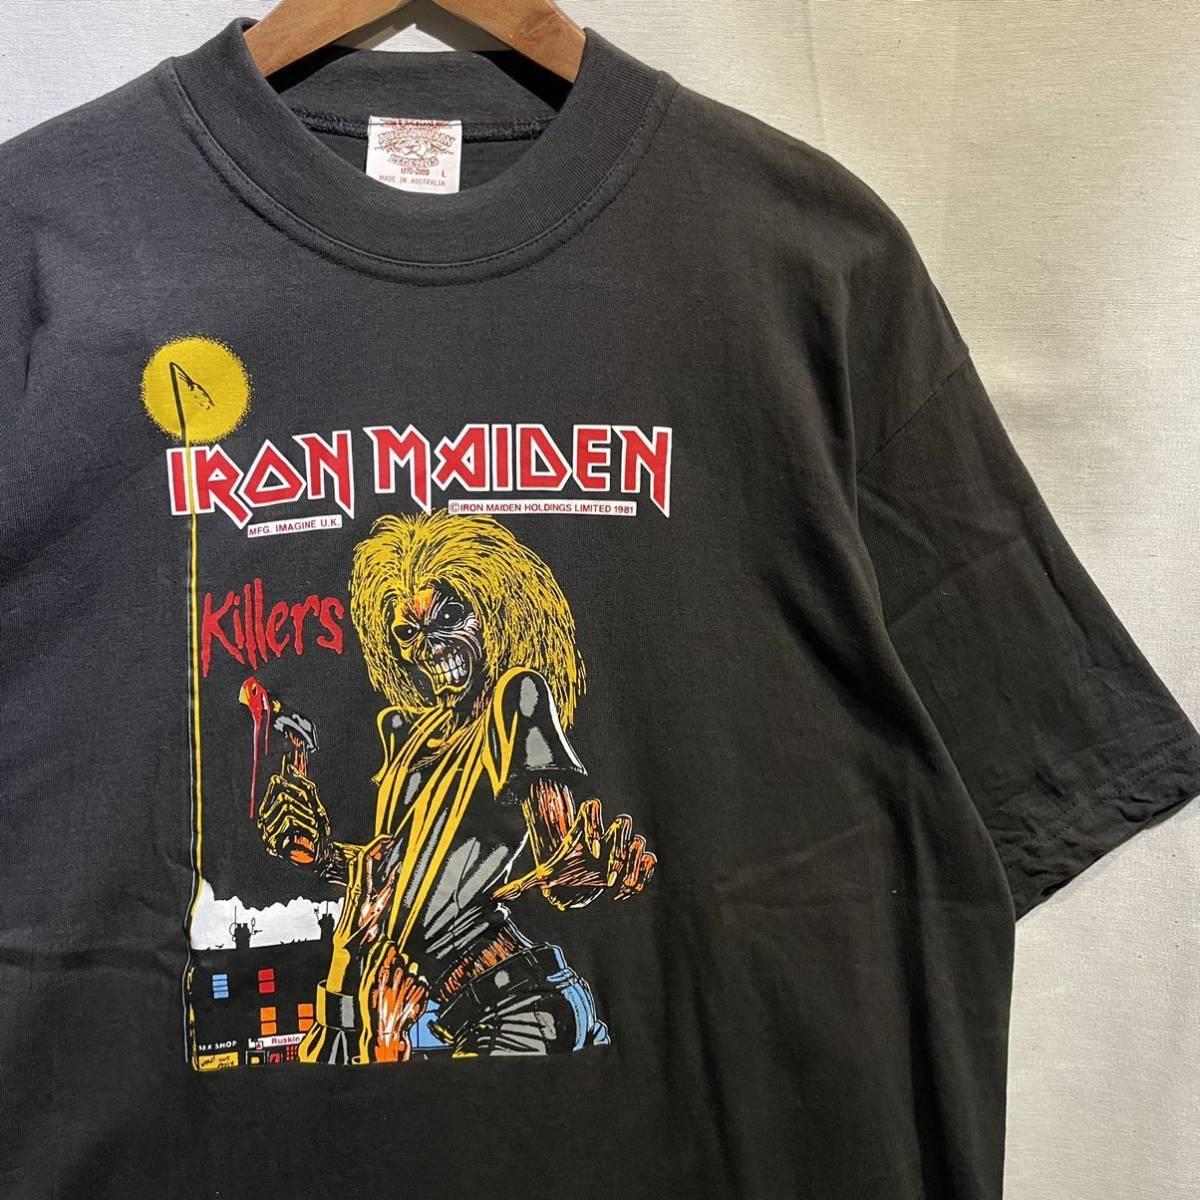 【希少】'00 IRON MAIDEN バンド Tシャツ Australia製 L ヴィンテージ / Metallica Guns N' Roses AC/DC Led Zeppelin Nirvana 80s 90s_画像1